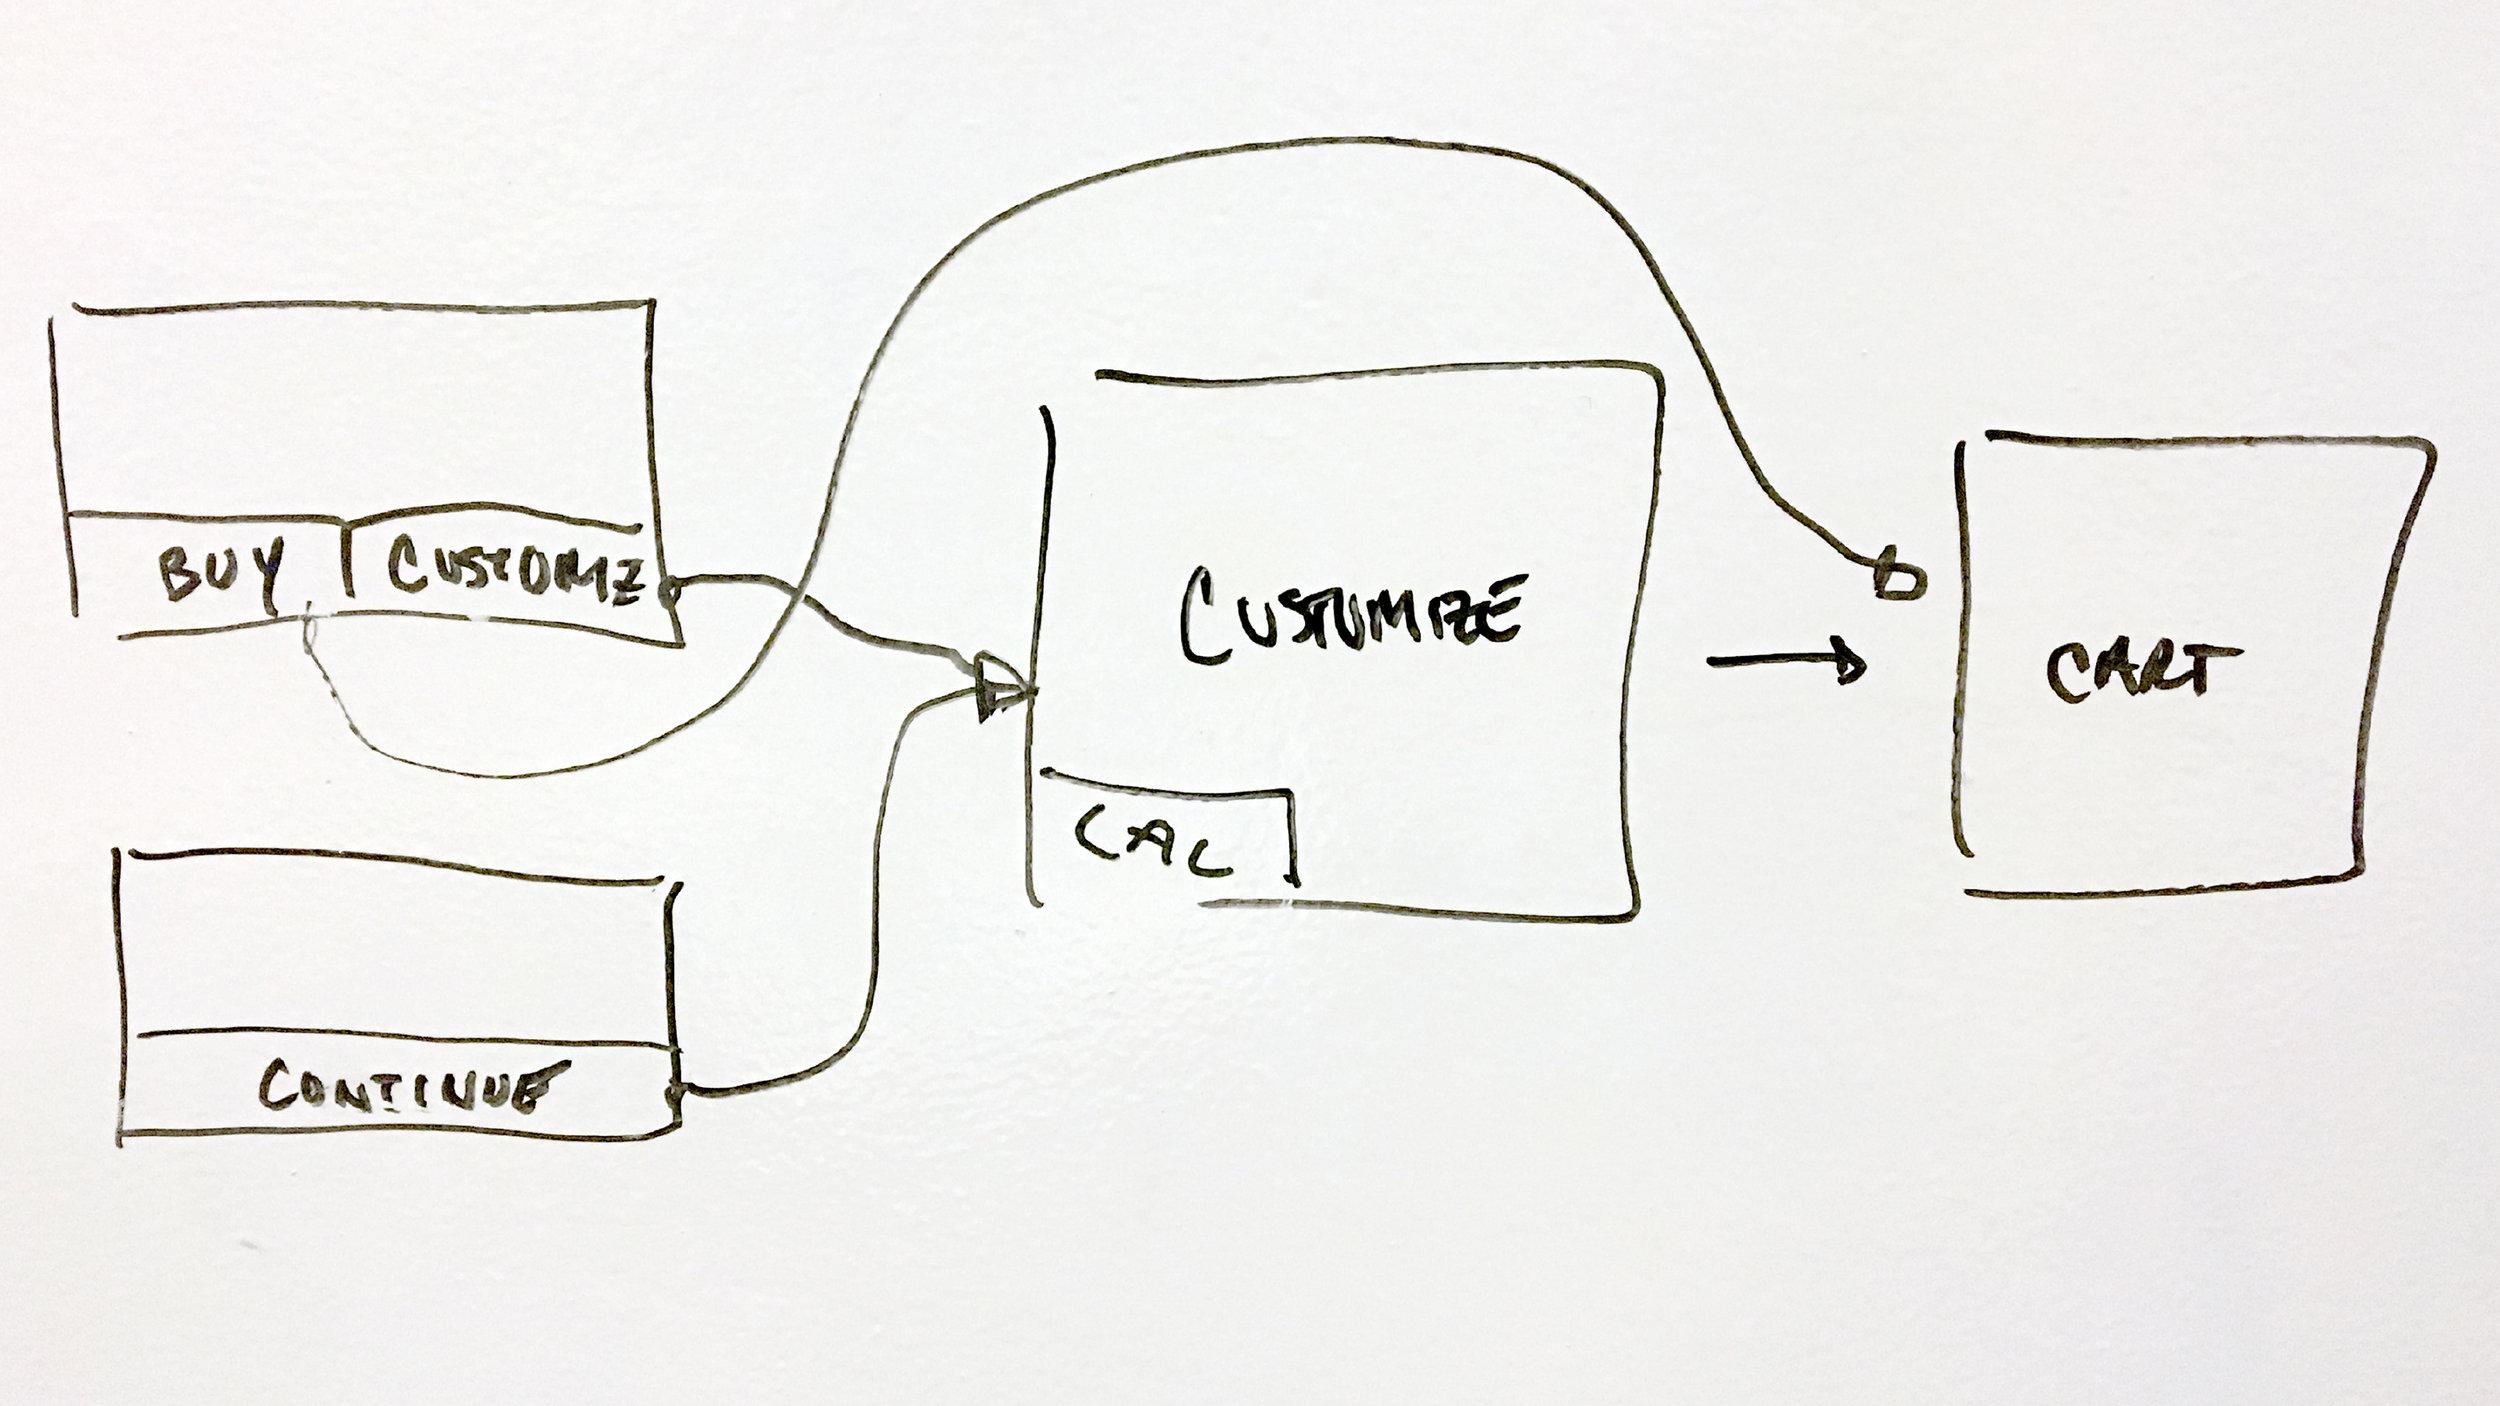 whiteboard flow 02.jpg